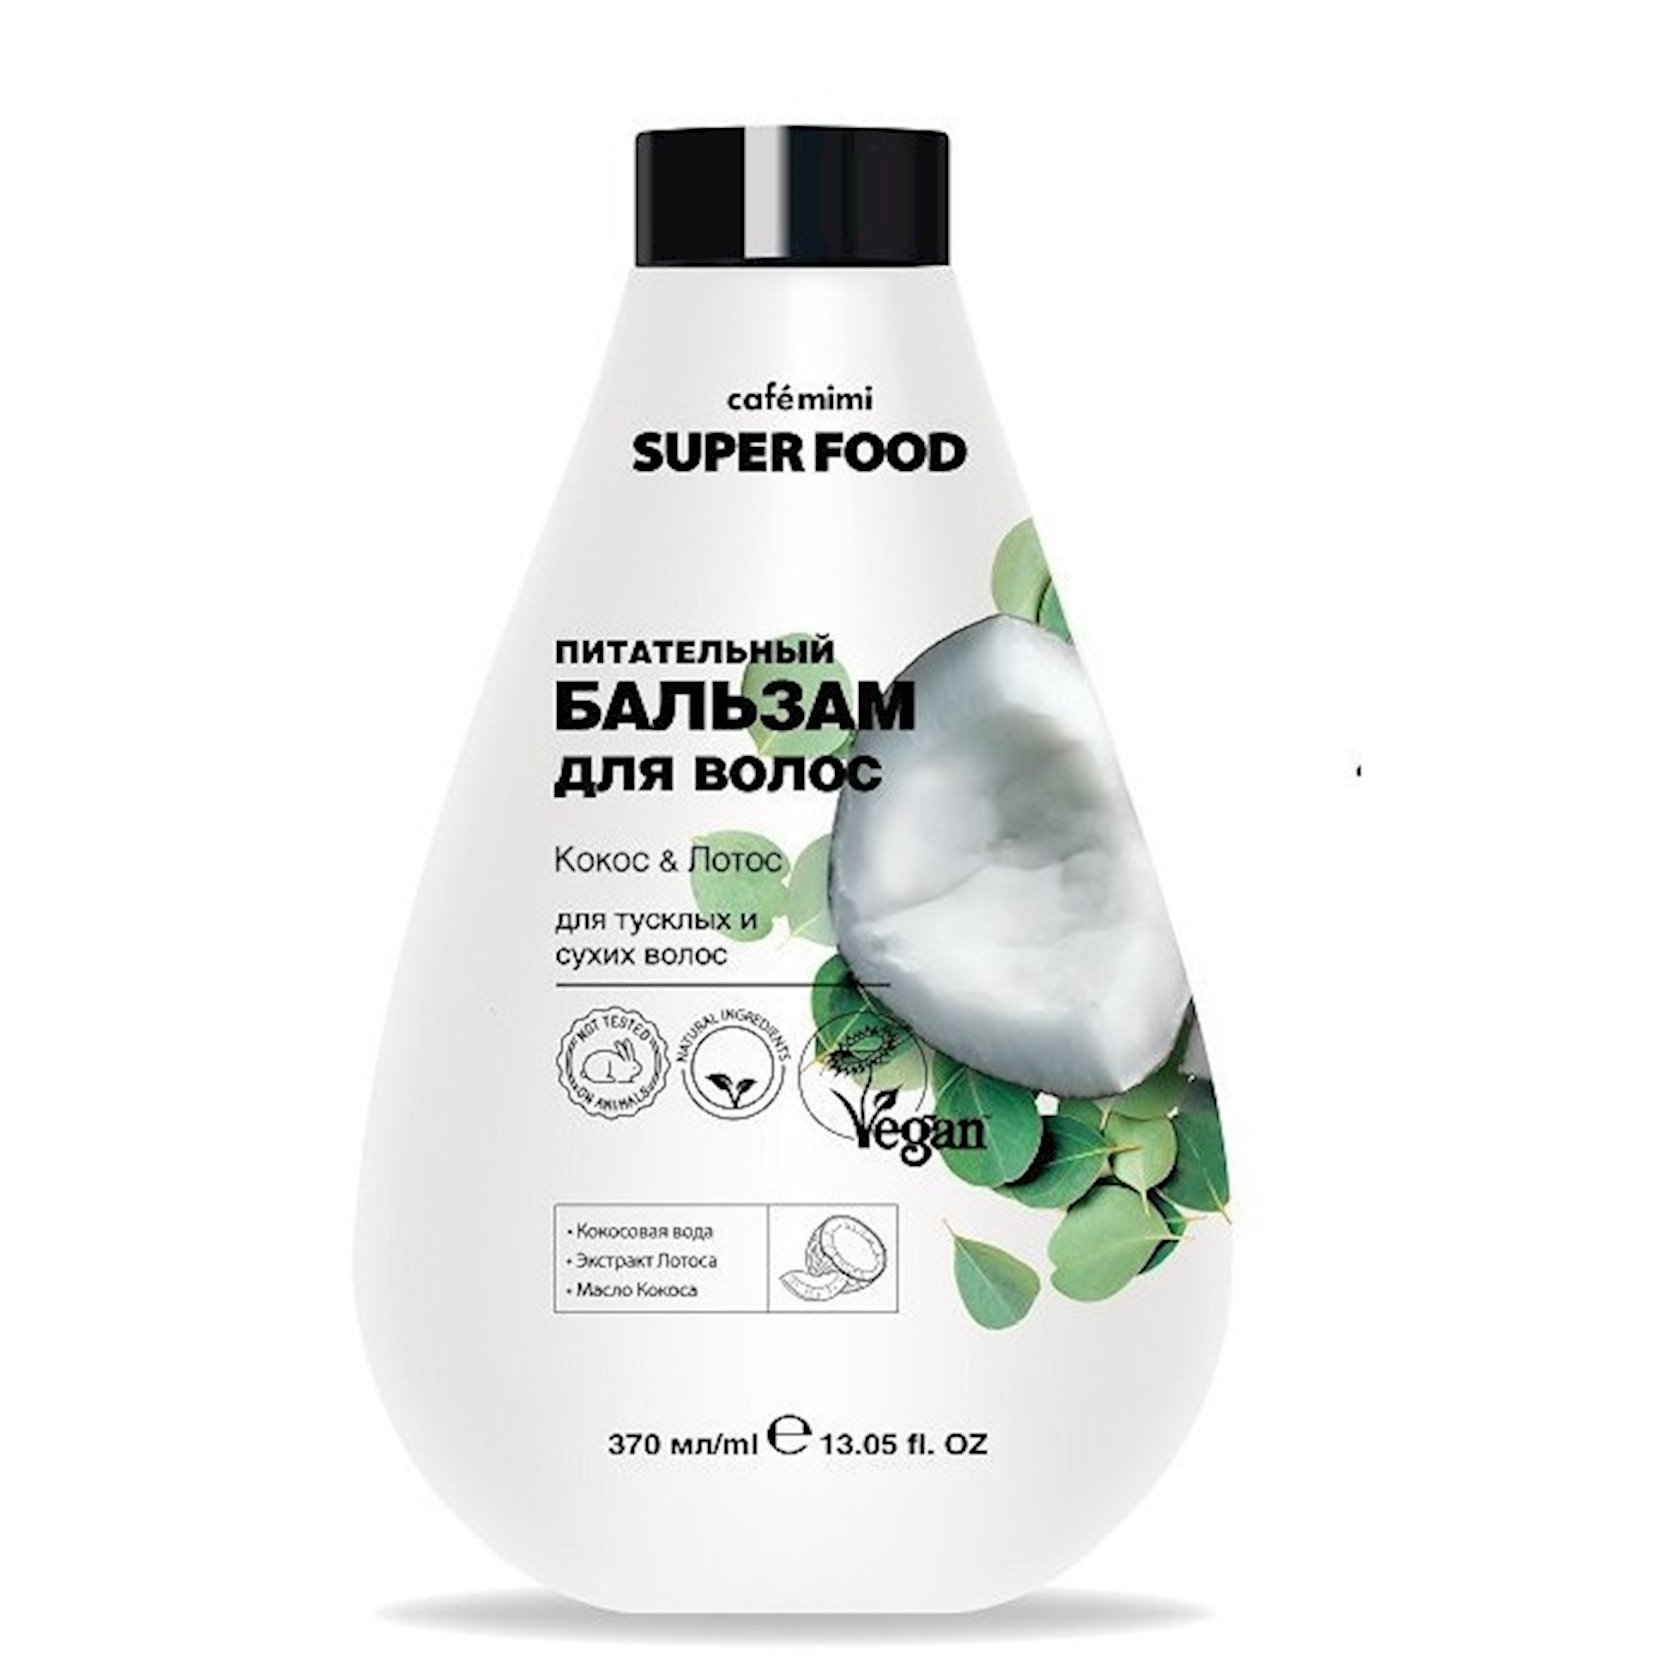 Balzam Cafe Mimi saç üçün Qidalandırıcı hindqozu və şanagüllə  370 ml